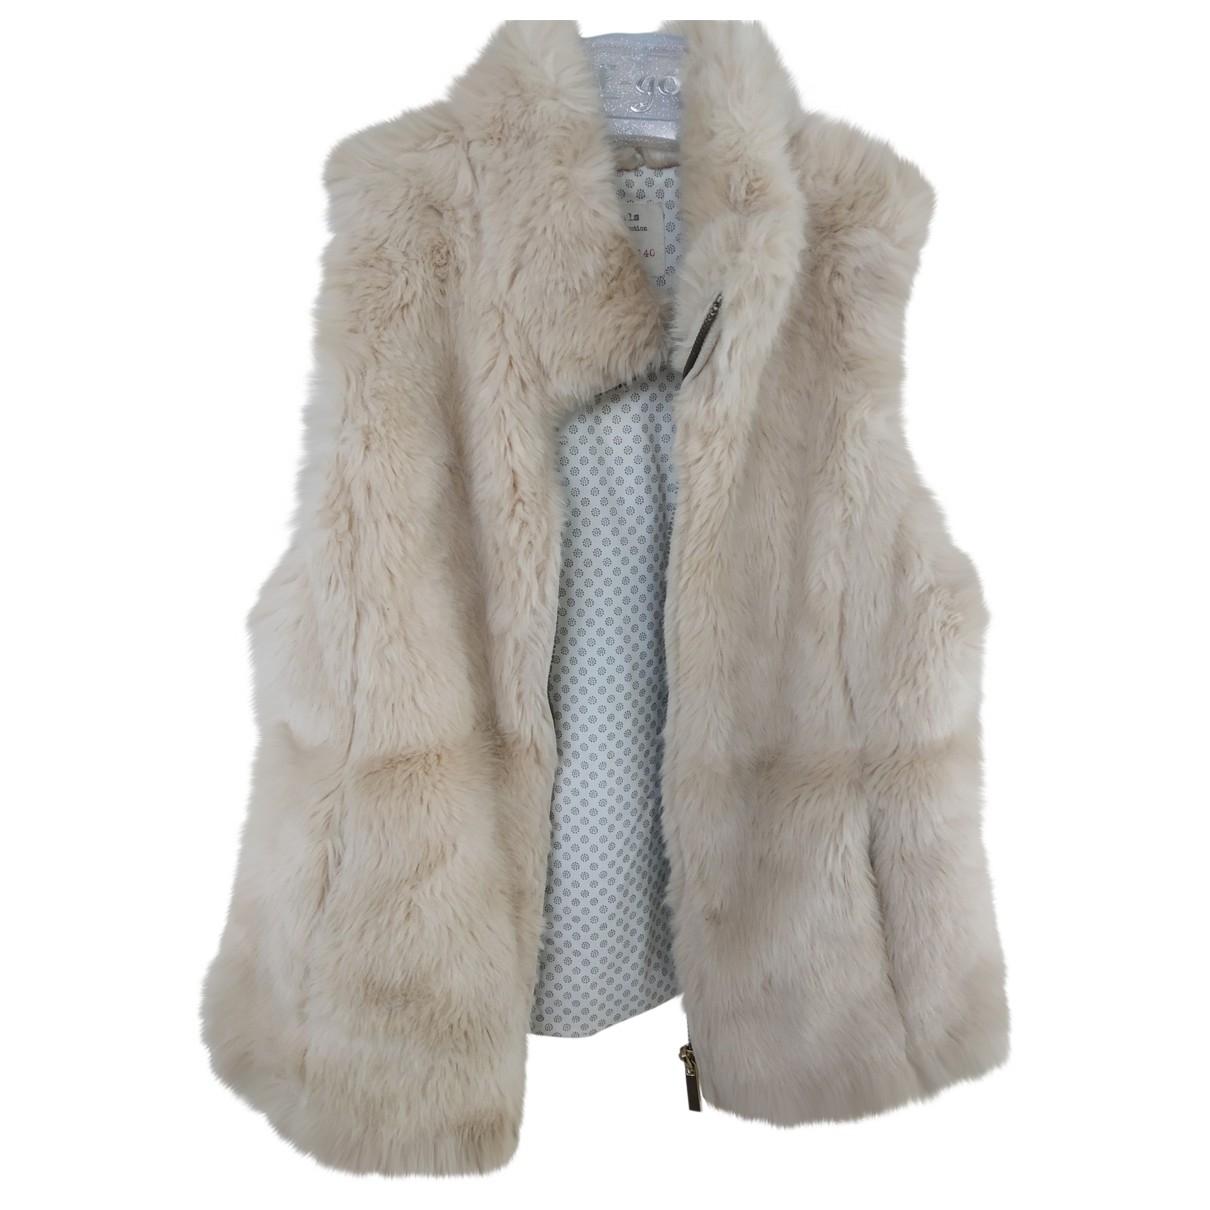 Zara - Blousons.Manteaux   pour enfant en fourrure synthetique - blanc